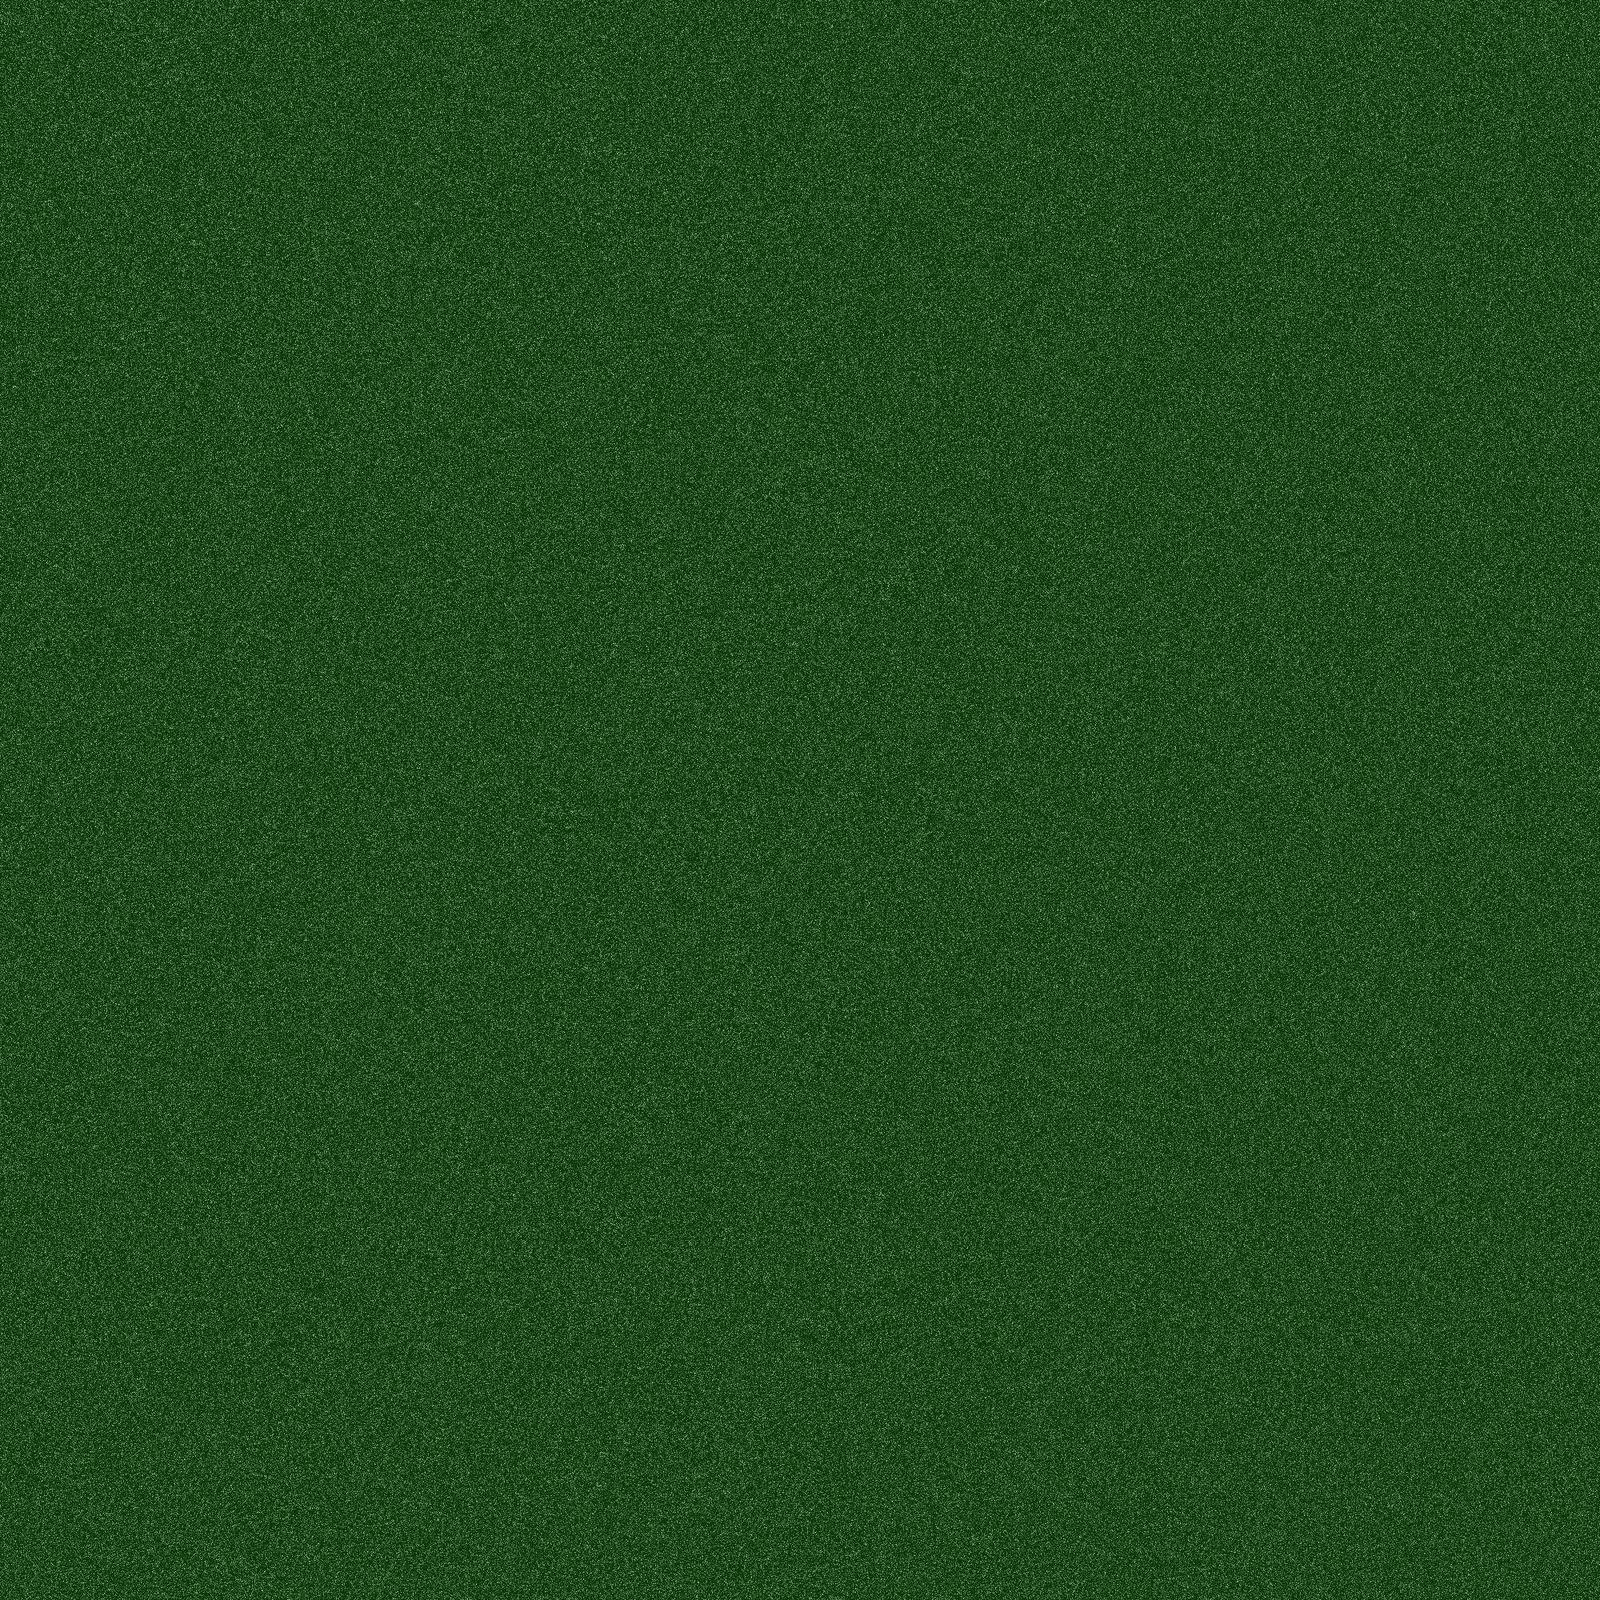 plain green wallpaper for - photo #33